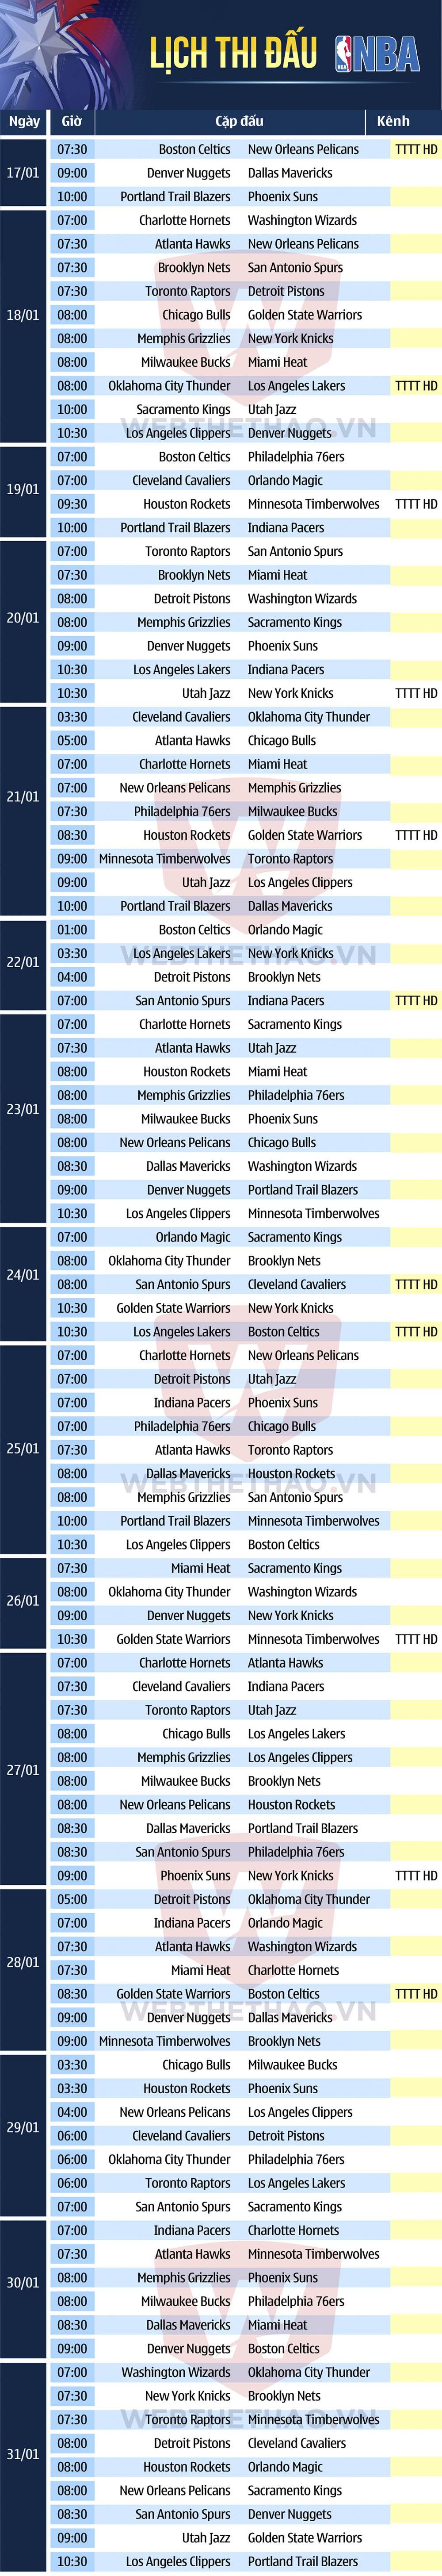 Lịch thi đấu bóng rổ NBA 2017/18 tháng 01 tuần 3-4